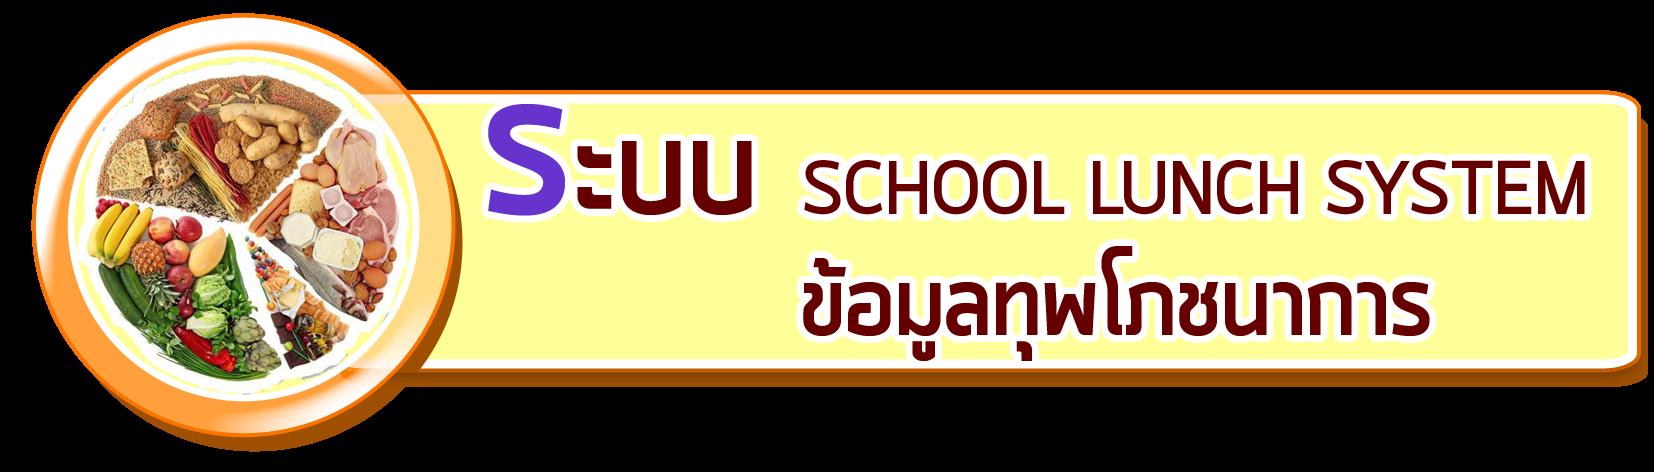 https://www.thaieducation.net/lunchsystem/